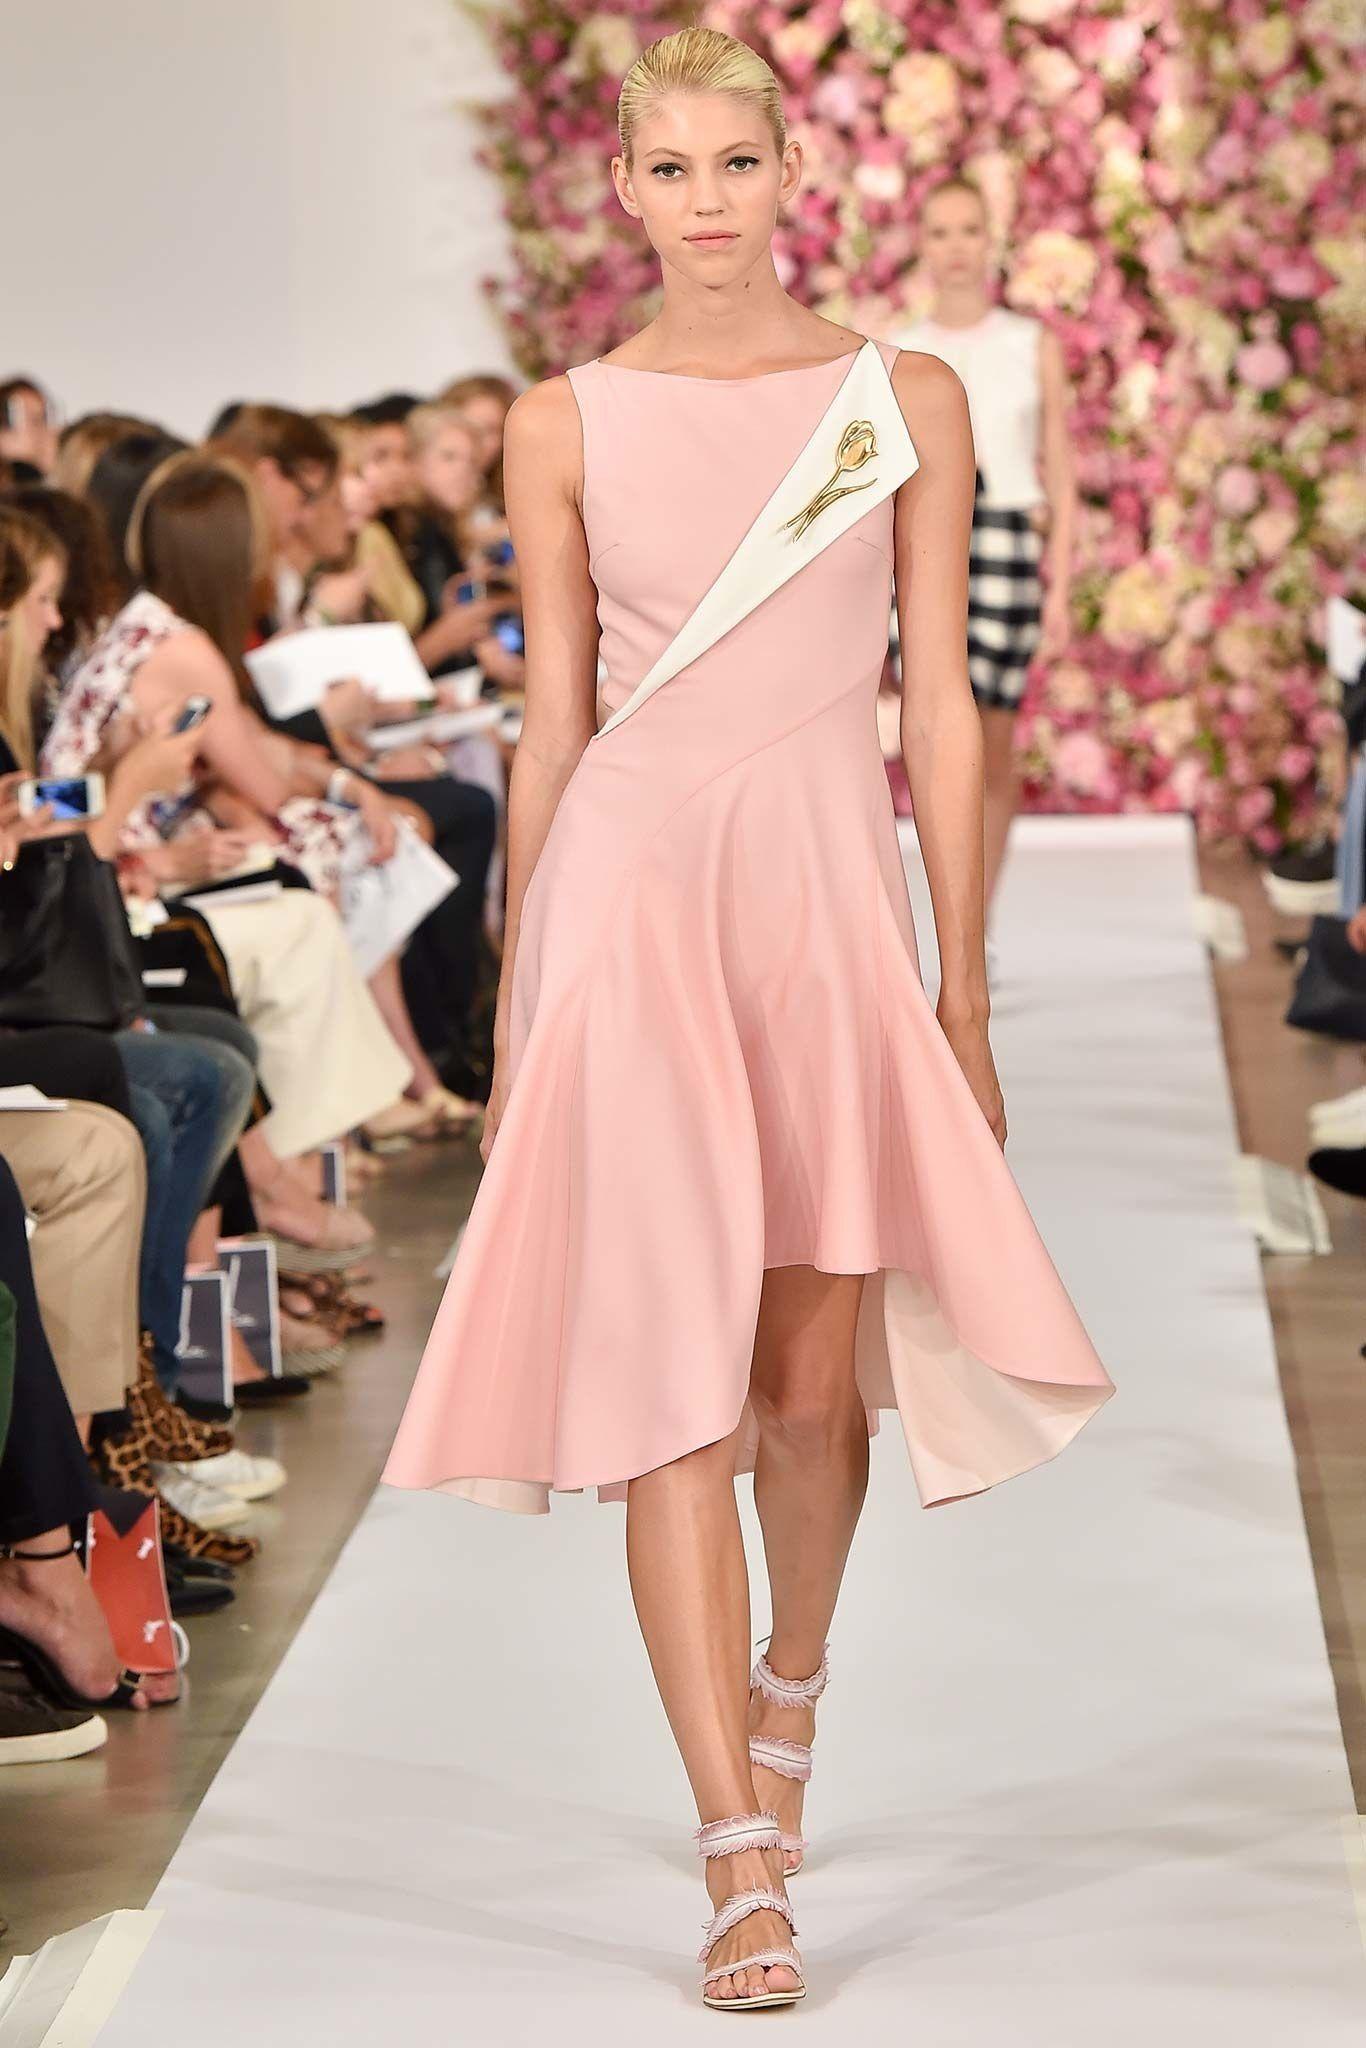 ad992a709 Oscar de la Renta Spring 2015 Ready-to-Wear Fashion Show - Devon Windsor